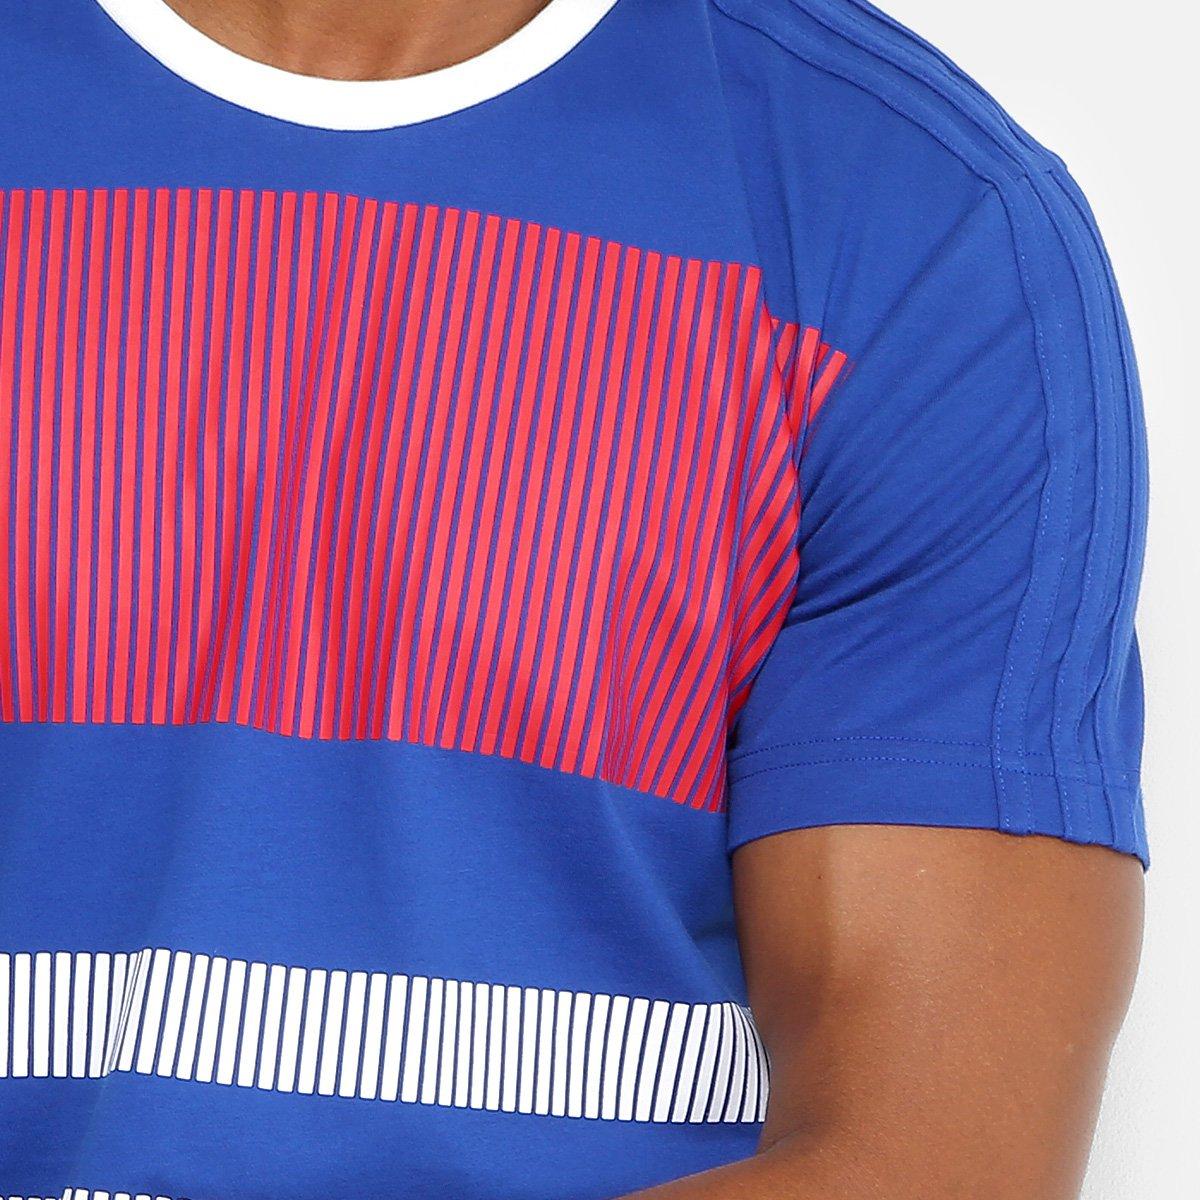 Camiseta Seleção França Adidas CI Masculina - Azul e Branco - Compre ... f2183ab476fe3